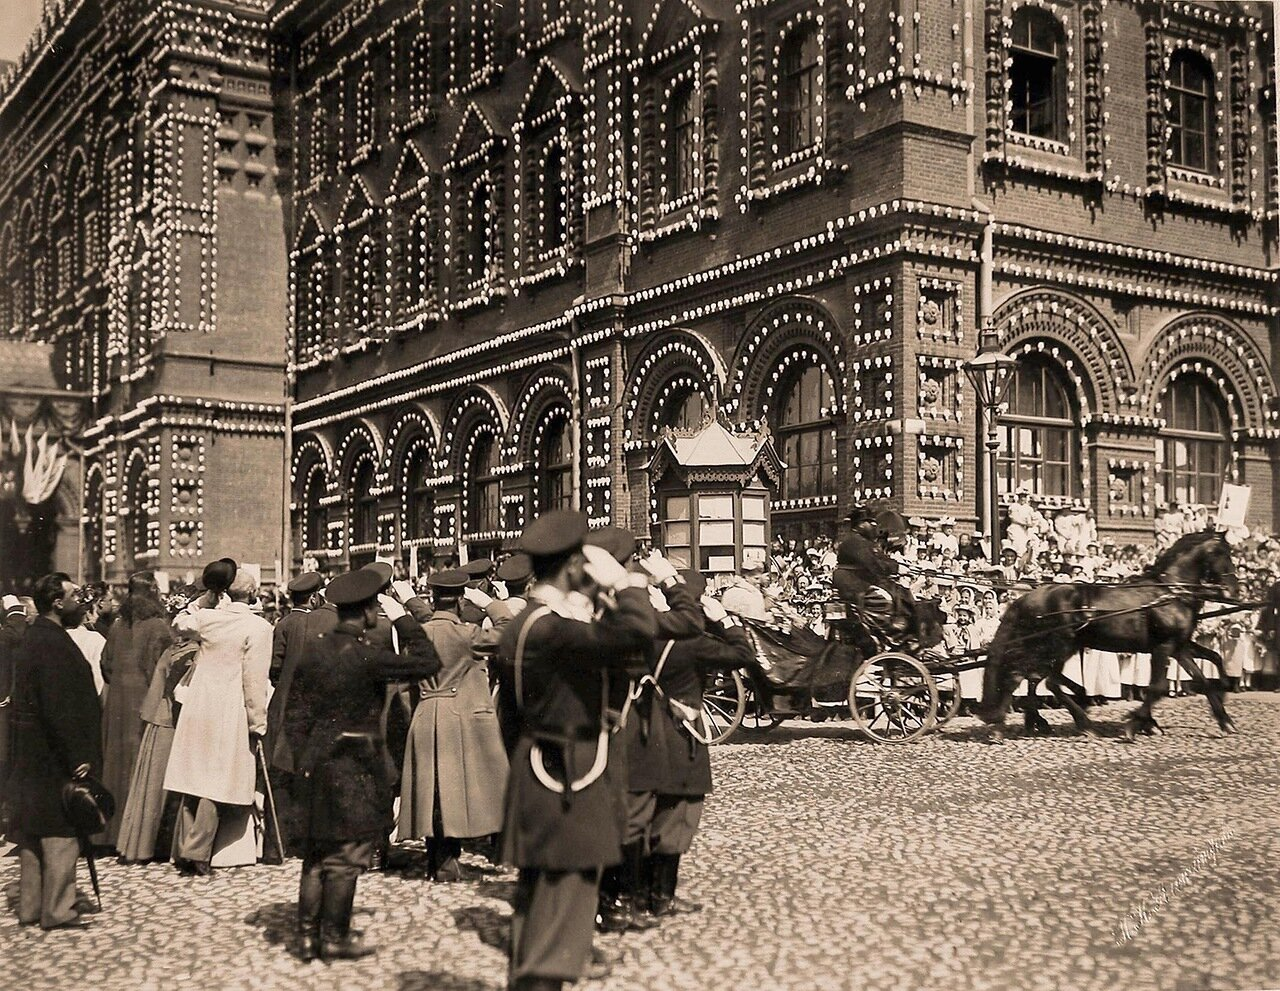 Горожане на Воскресенской площади приветствуют императора Николая II и императрицу Александру Фёдоровну (в экипаже), прибывших в Городскую думу